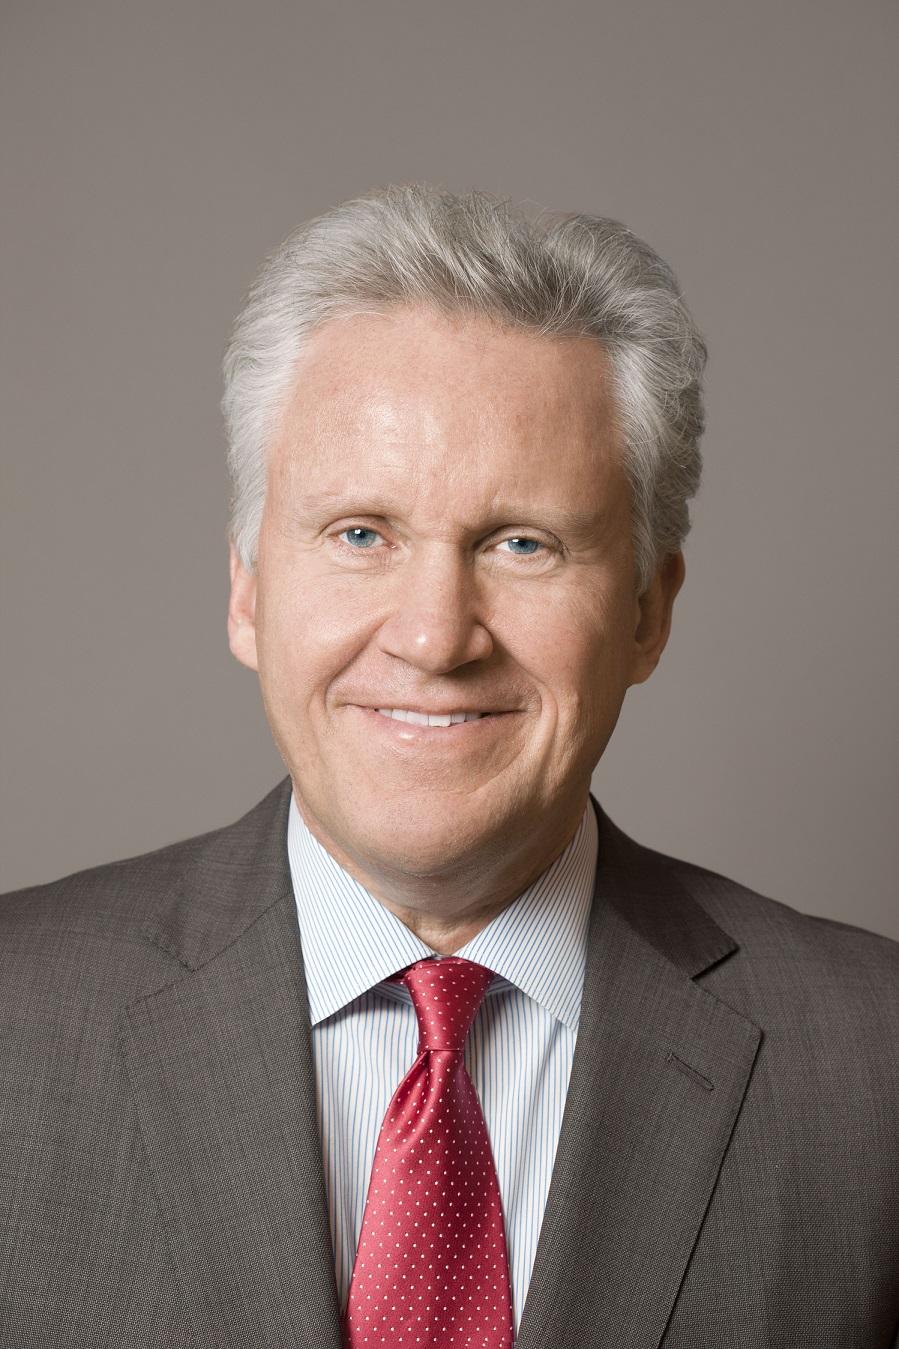 GE Chairman Jeffery Immelt